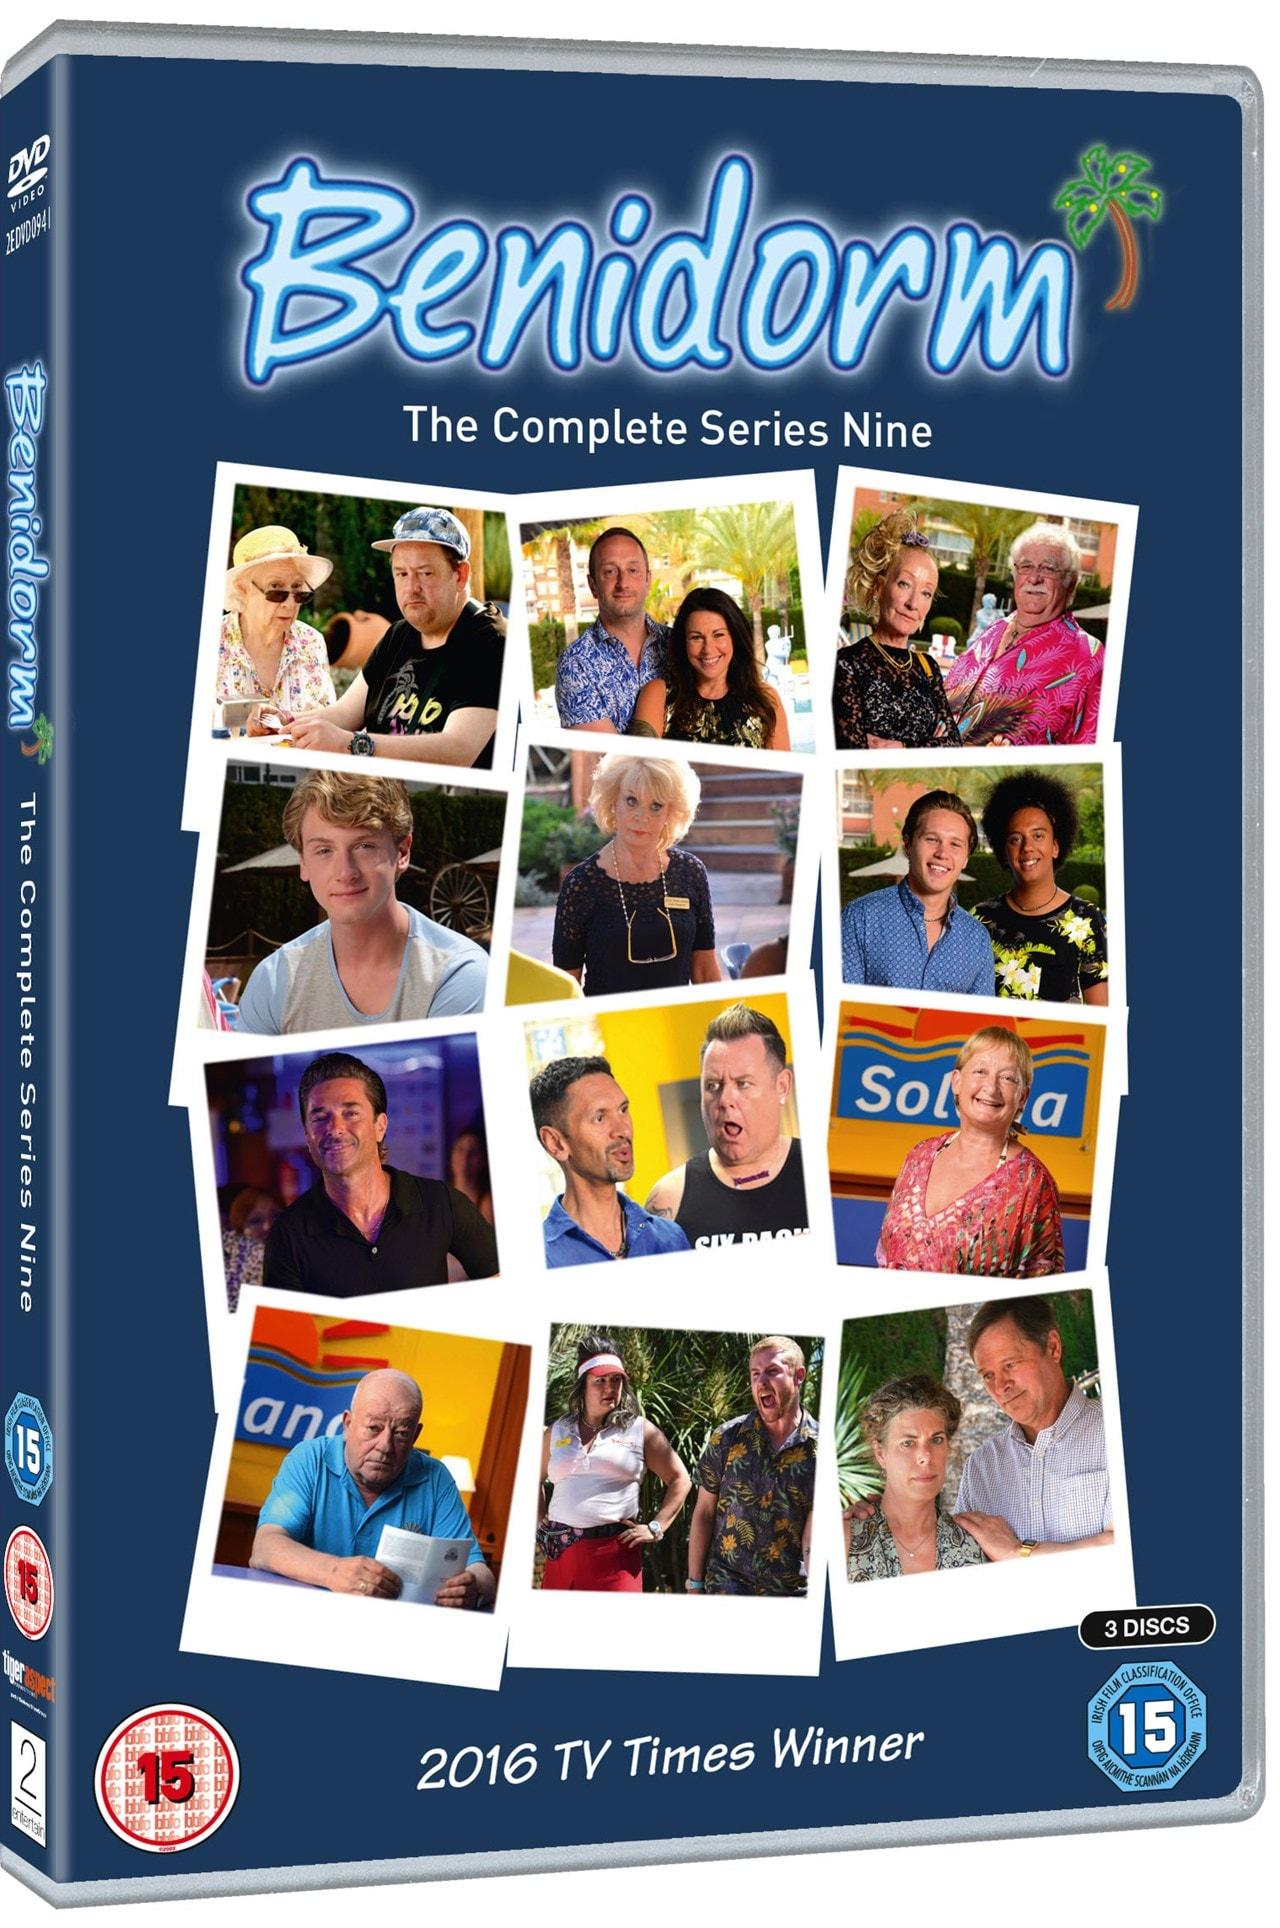 Benidorm: The Complete Series 9 - 2